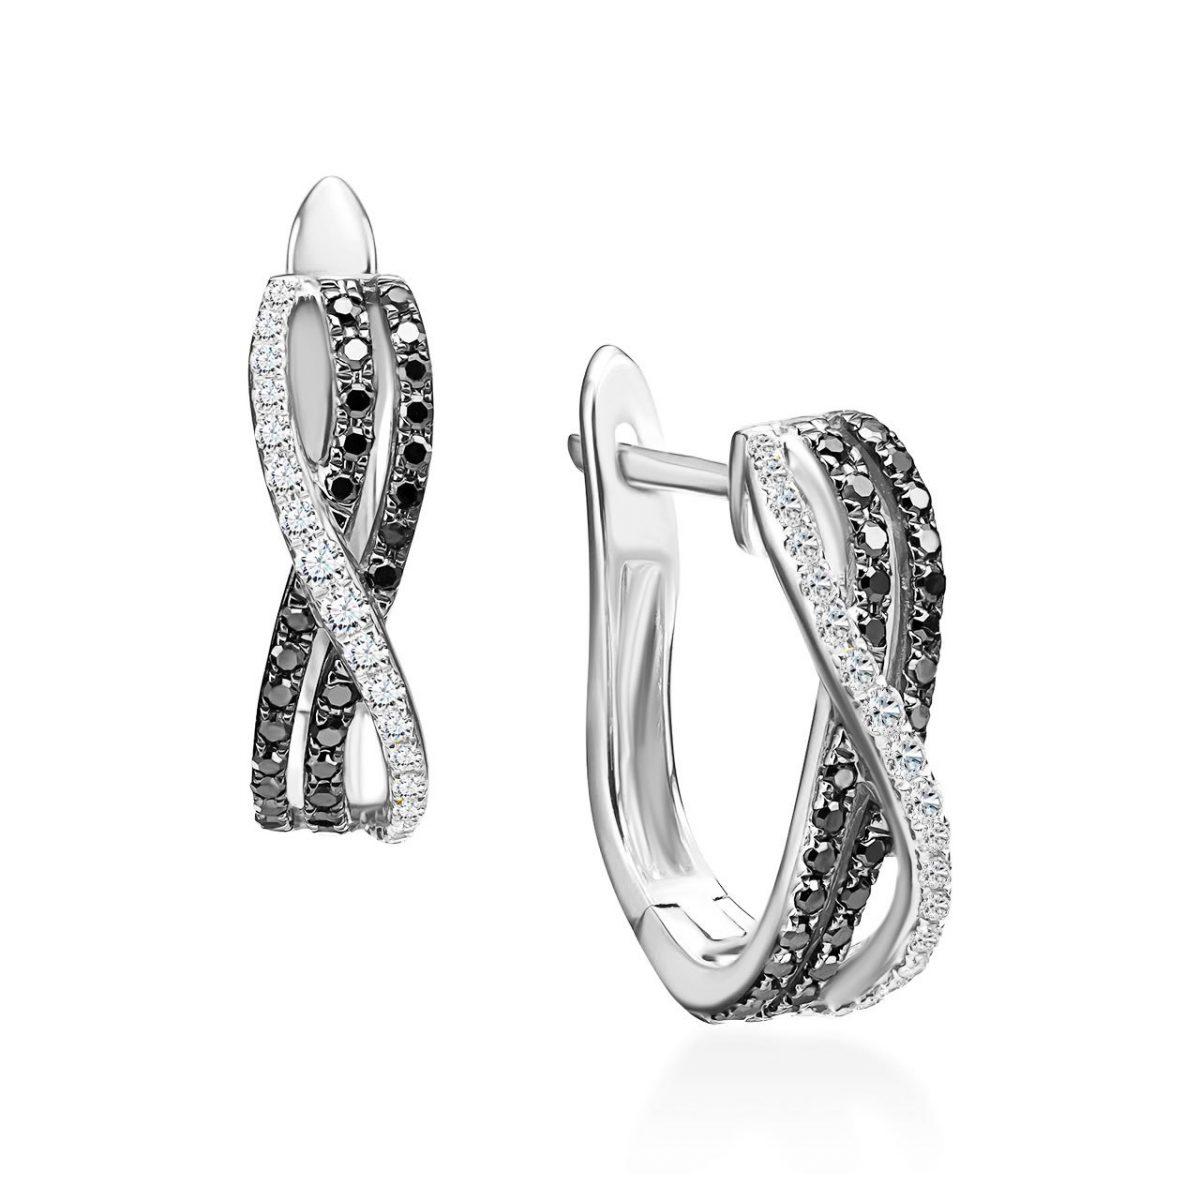 עגילי יהלומים - בל - זהב לבן